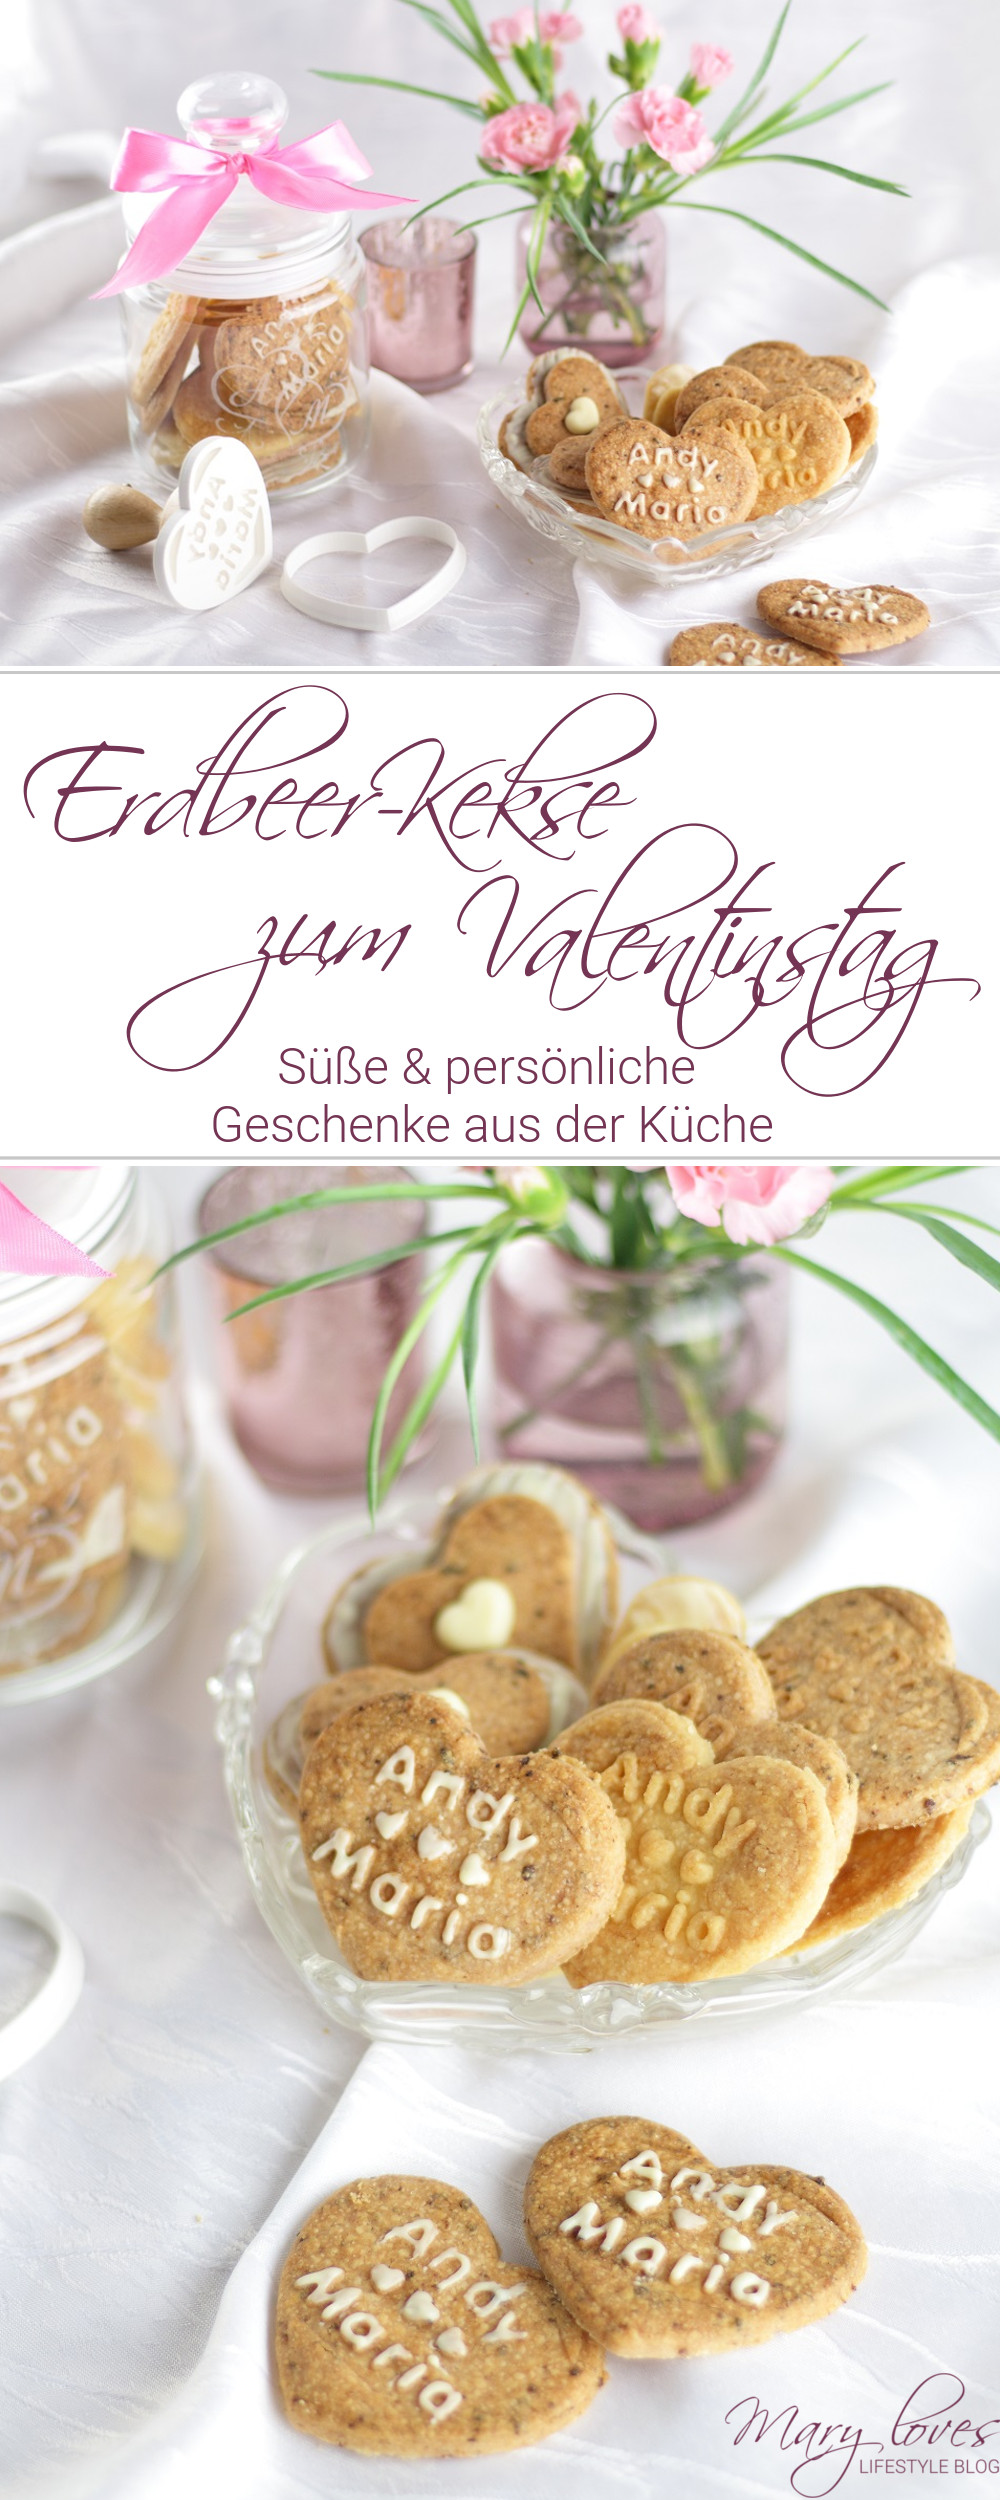 [Anzeige] Personalisierte Geschenke aus der Küche - Erdbeer-Kekse zum Valentinstag - #geschenkausderküche #küchengeschenk #erdbeerkekse #kekse #plätzchen #valentinstag #geschenkidee